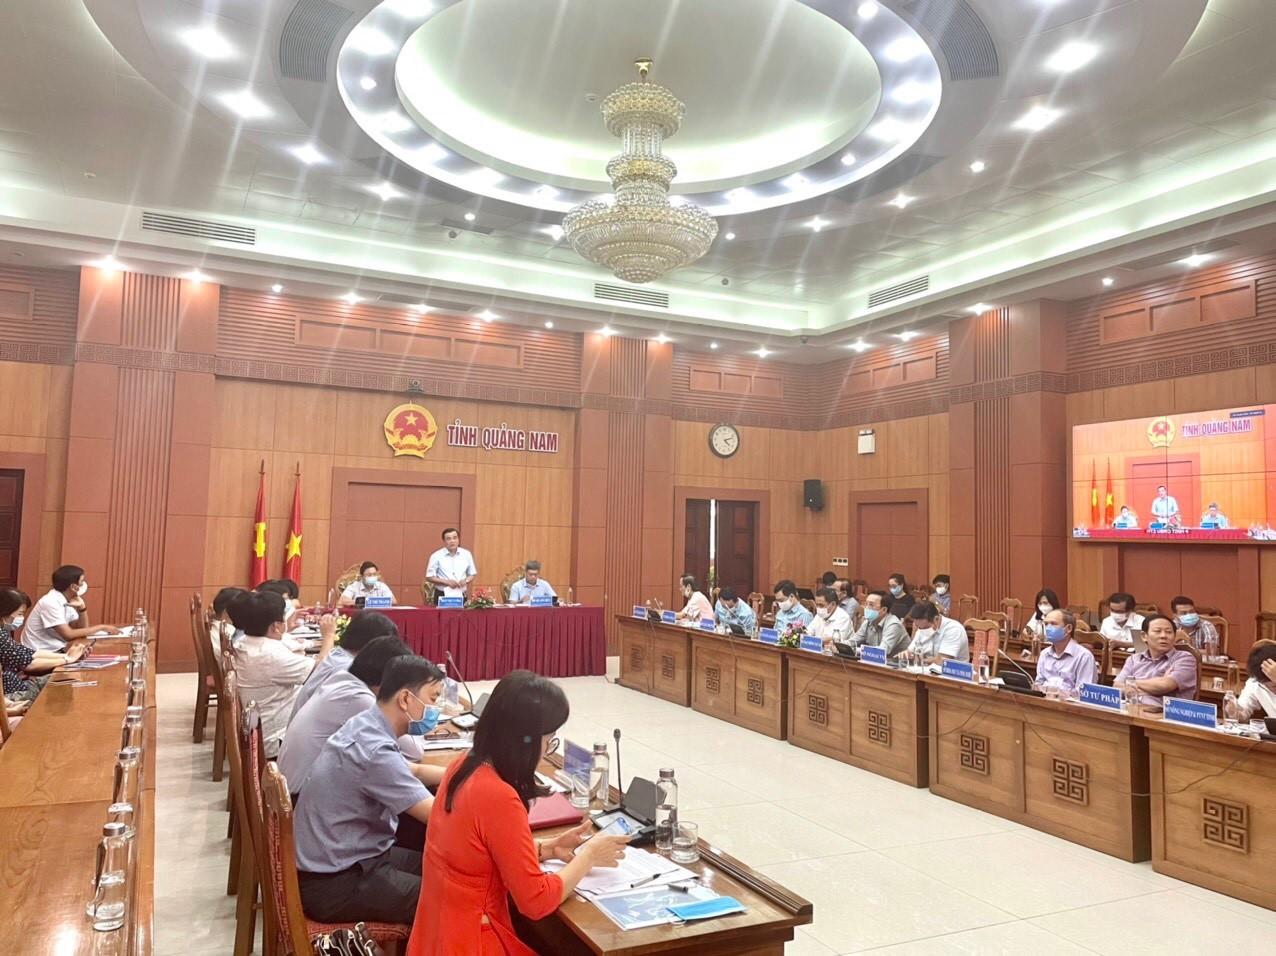 Tiếp nối TP.HCM và Quảng Ninh, Quảng Nam hướng đến chuyển đổi số toàn diện